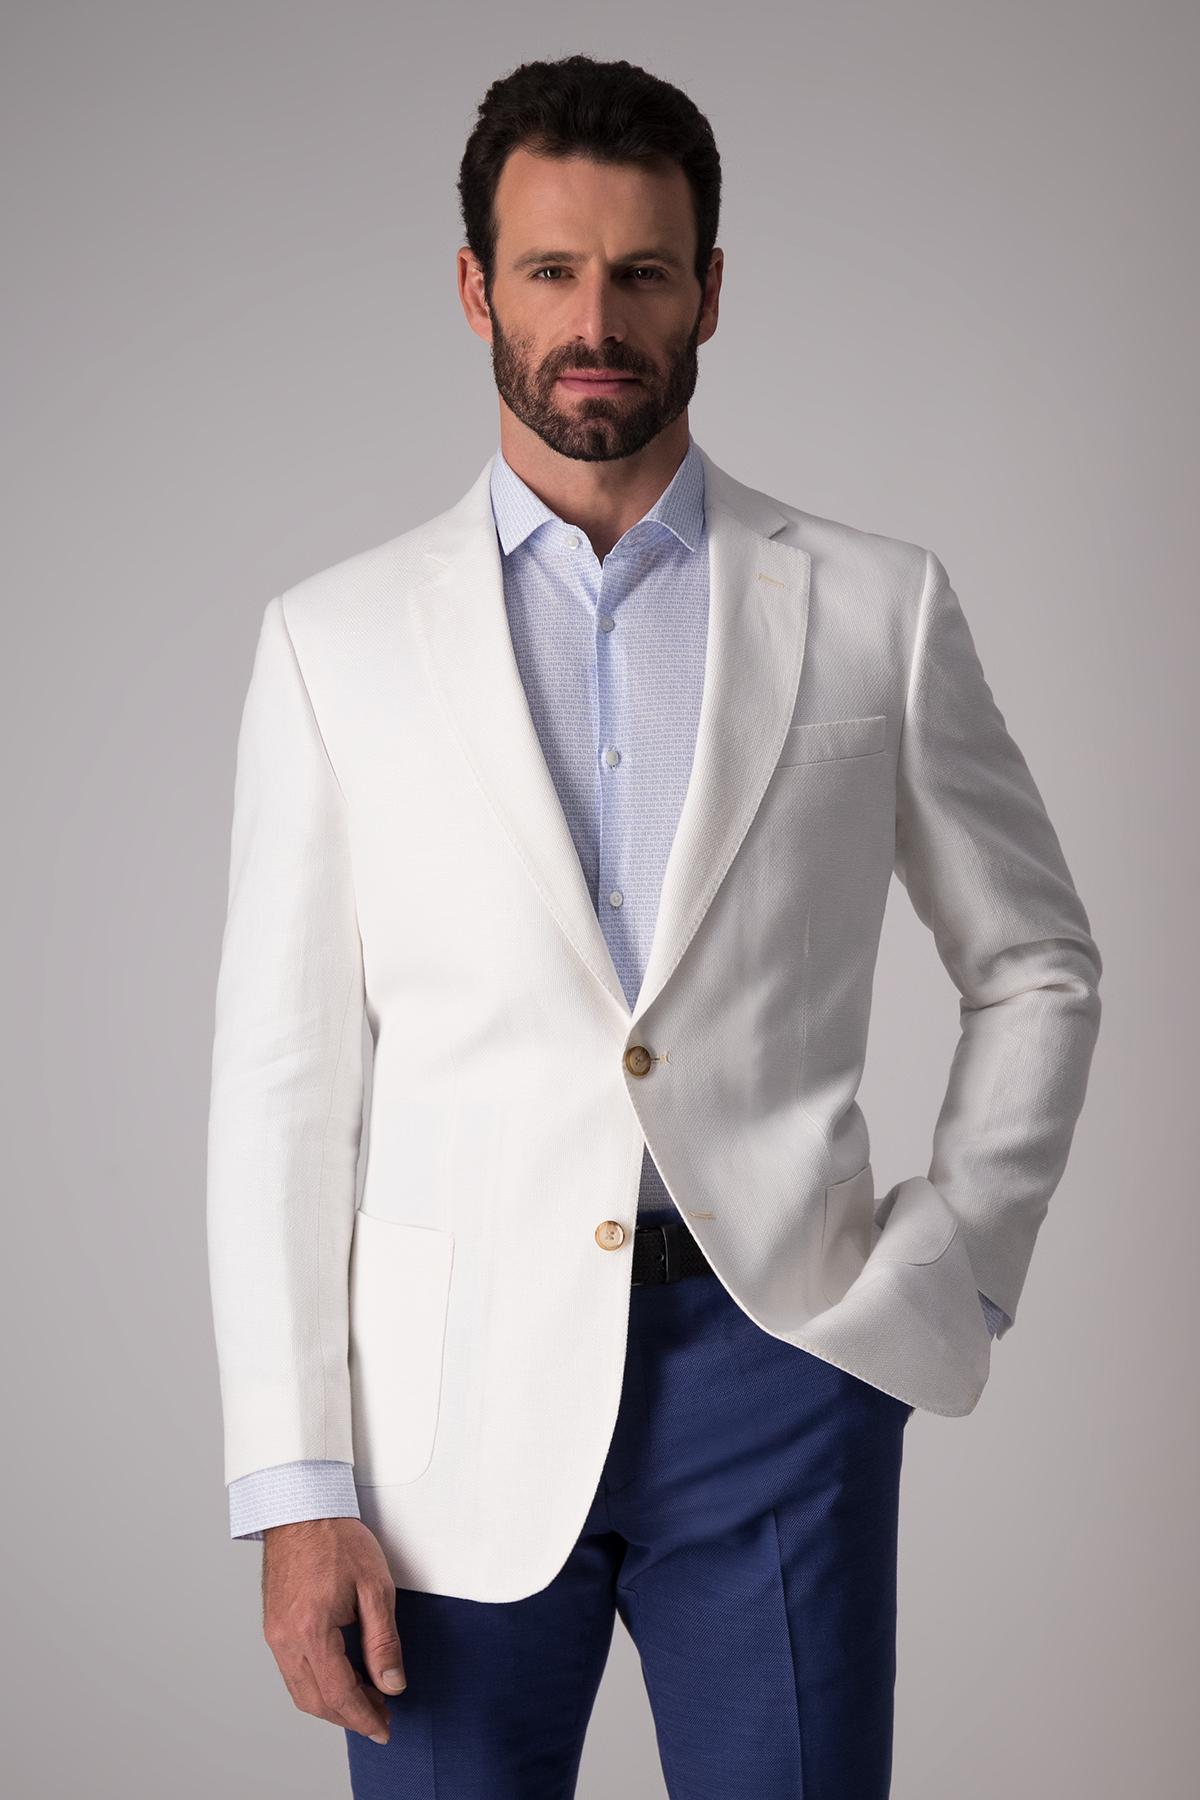 Saco Robert´s blanco,   Regular fit, algodón y lino.